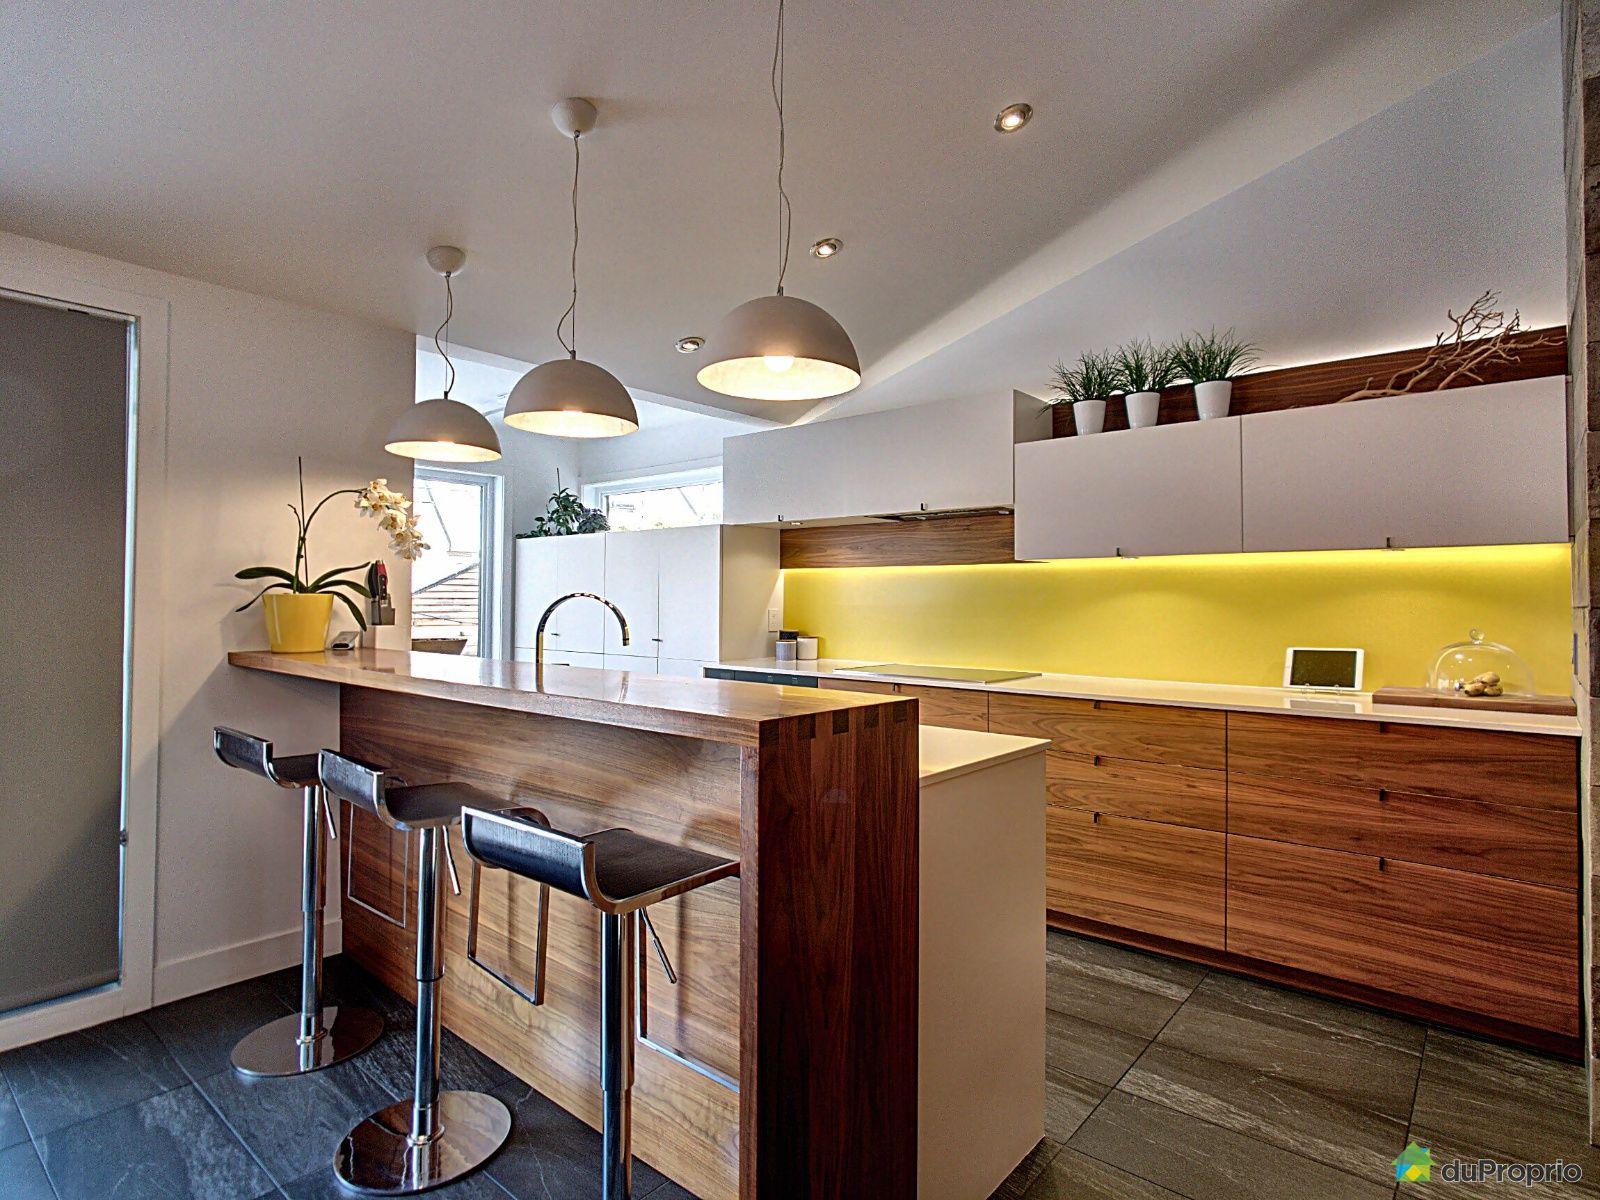 Kitchen - 631 RUE PASCAL, Repentigny (Repentigny) for sale